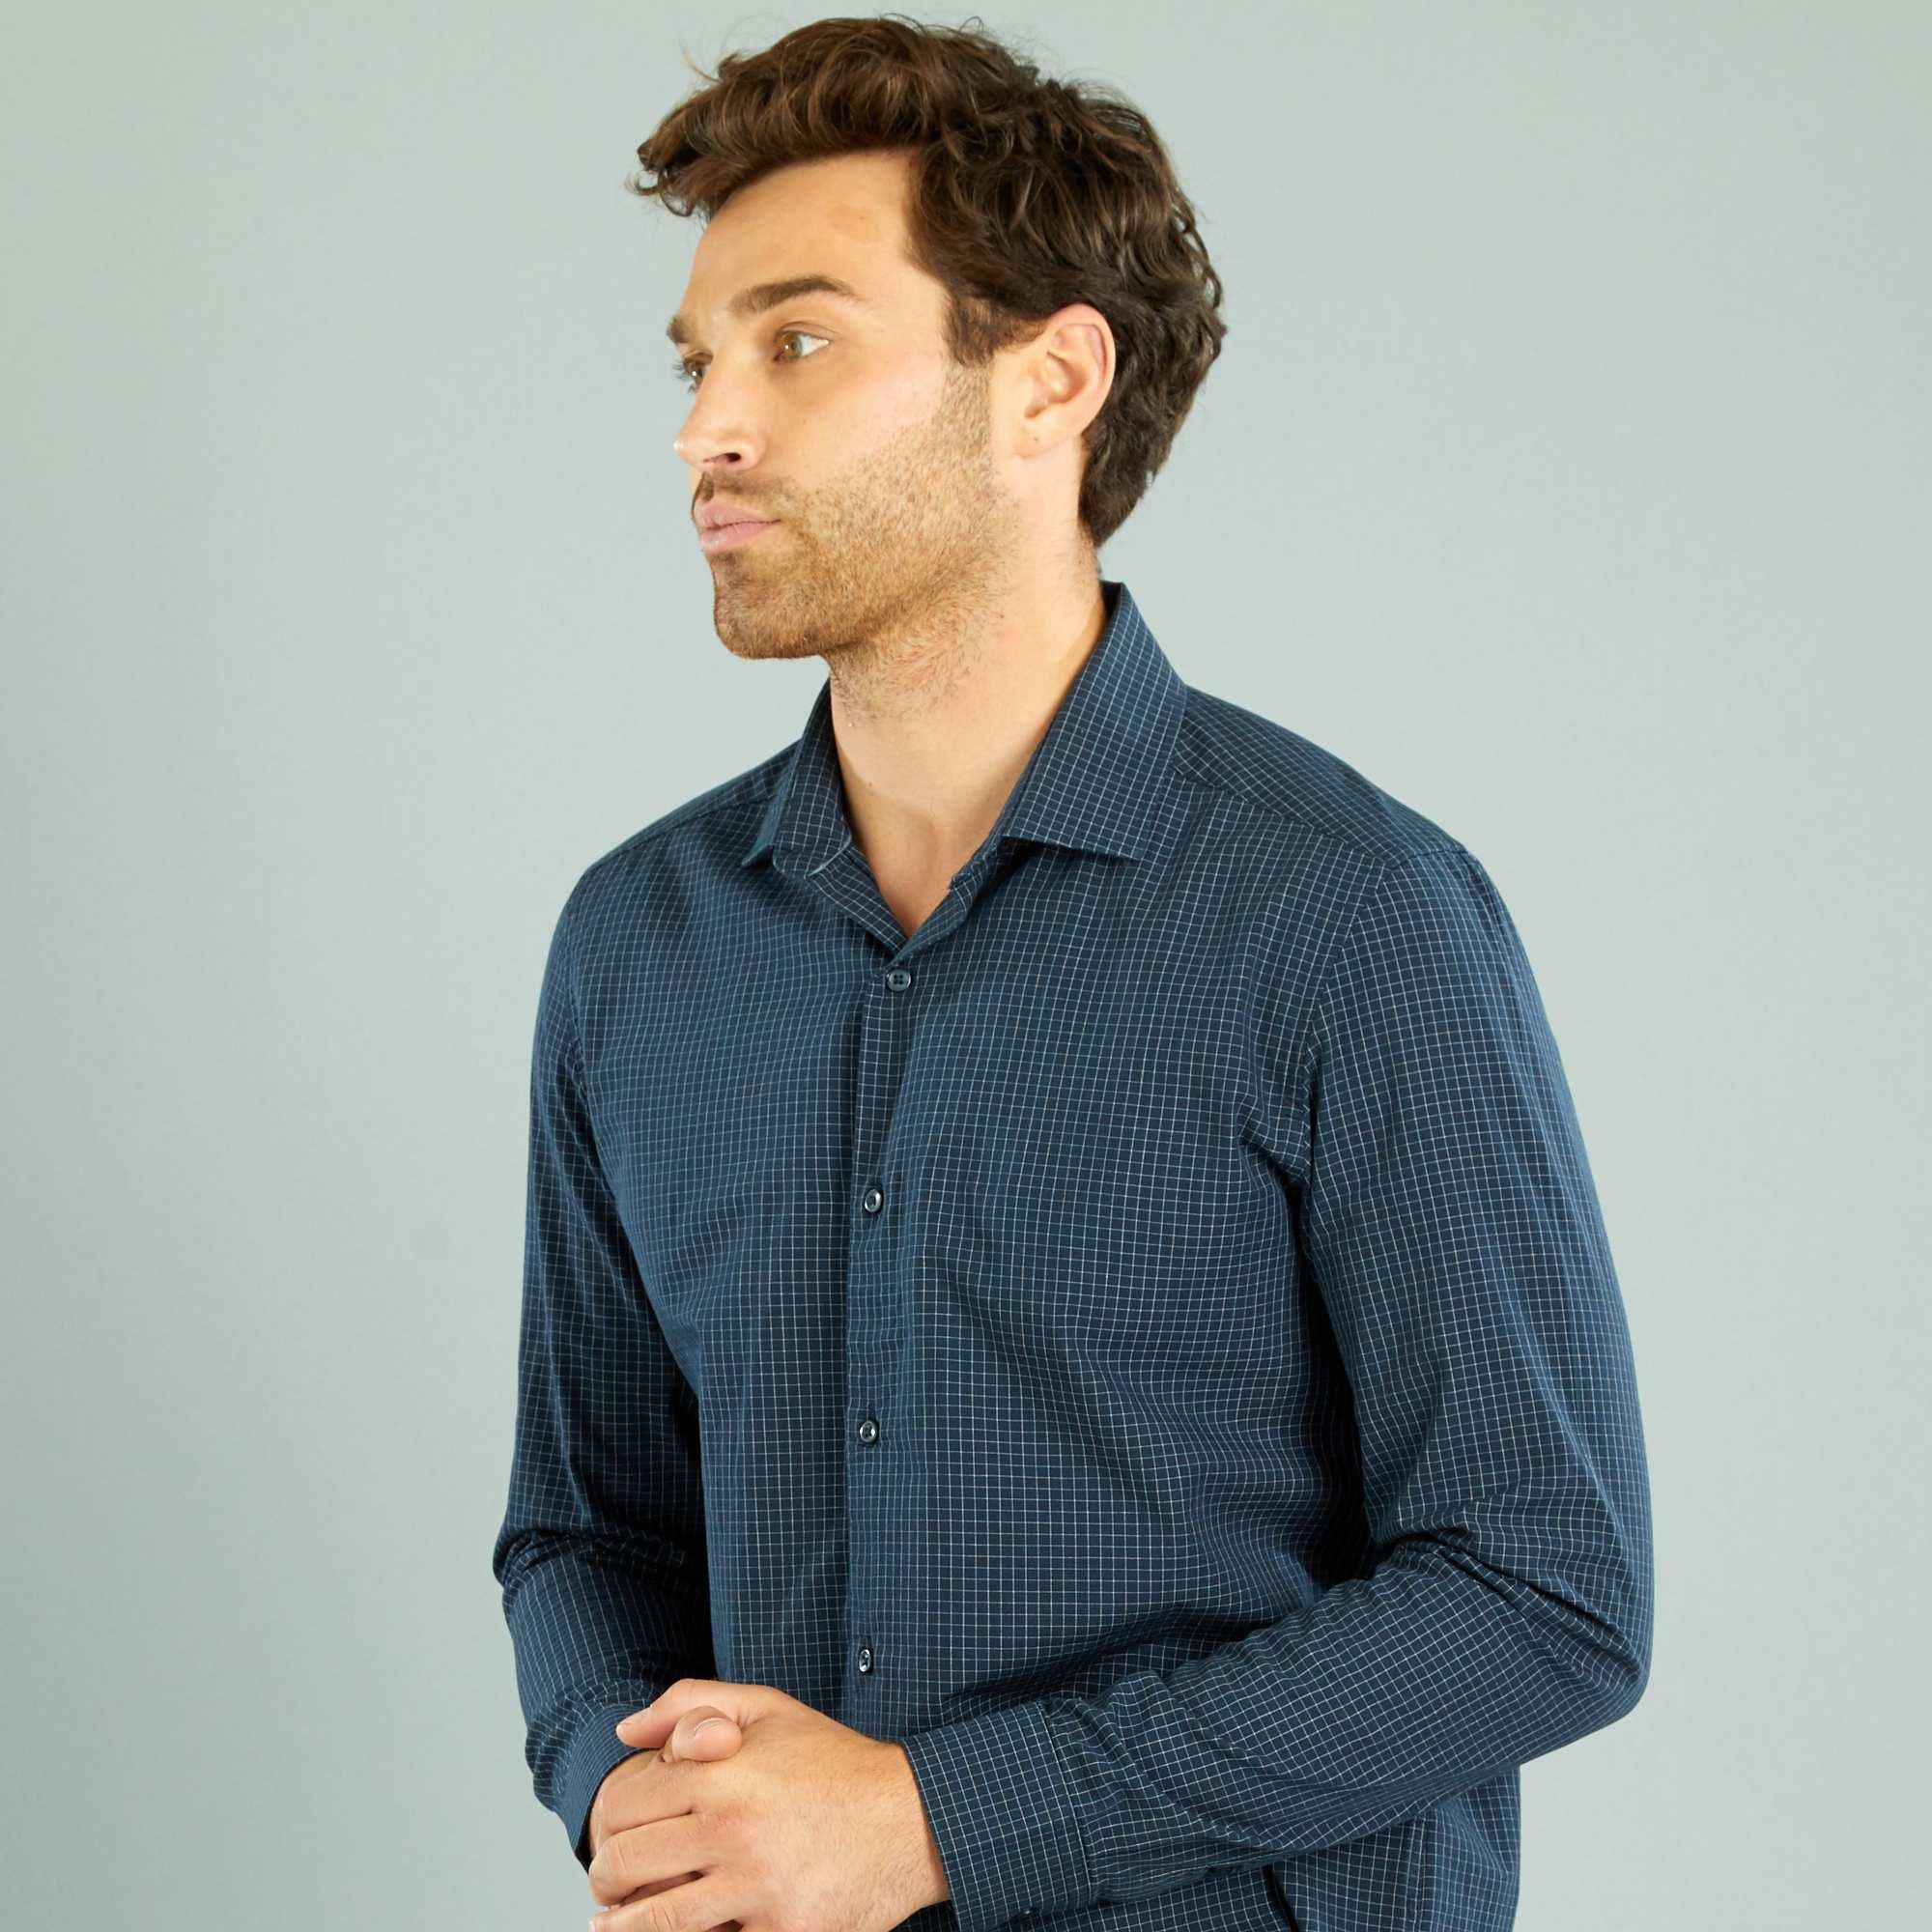 Couleur : marine carreaux, , ,, - Taille : M, S, ,,Coupe droite et belle popeline de coton : vous pouvez compter sur cette chemise pour